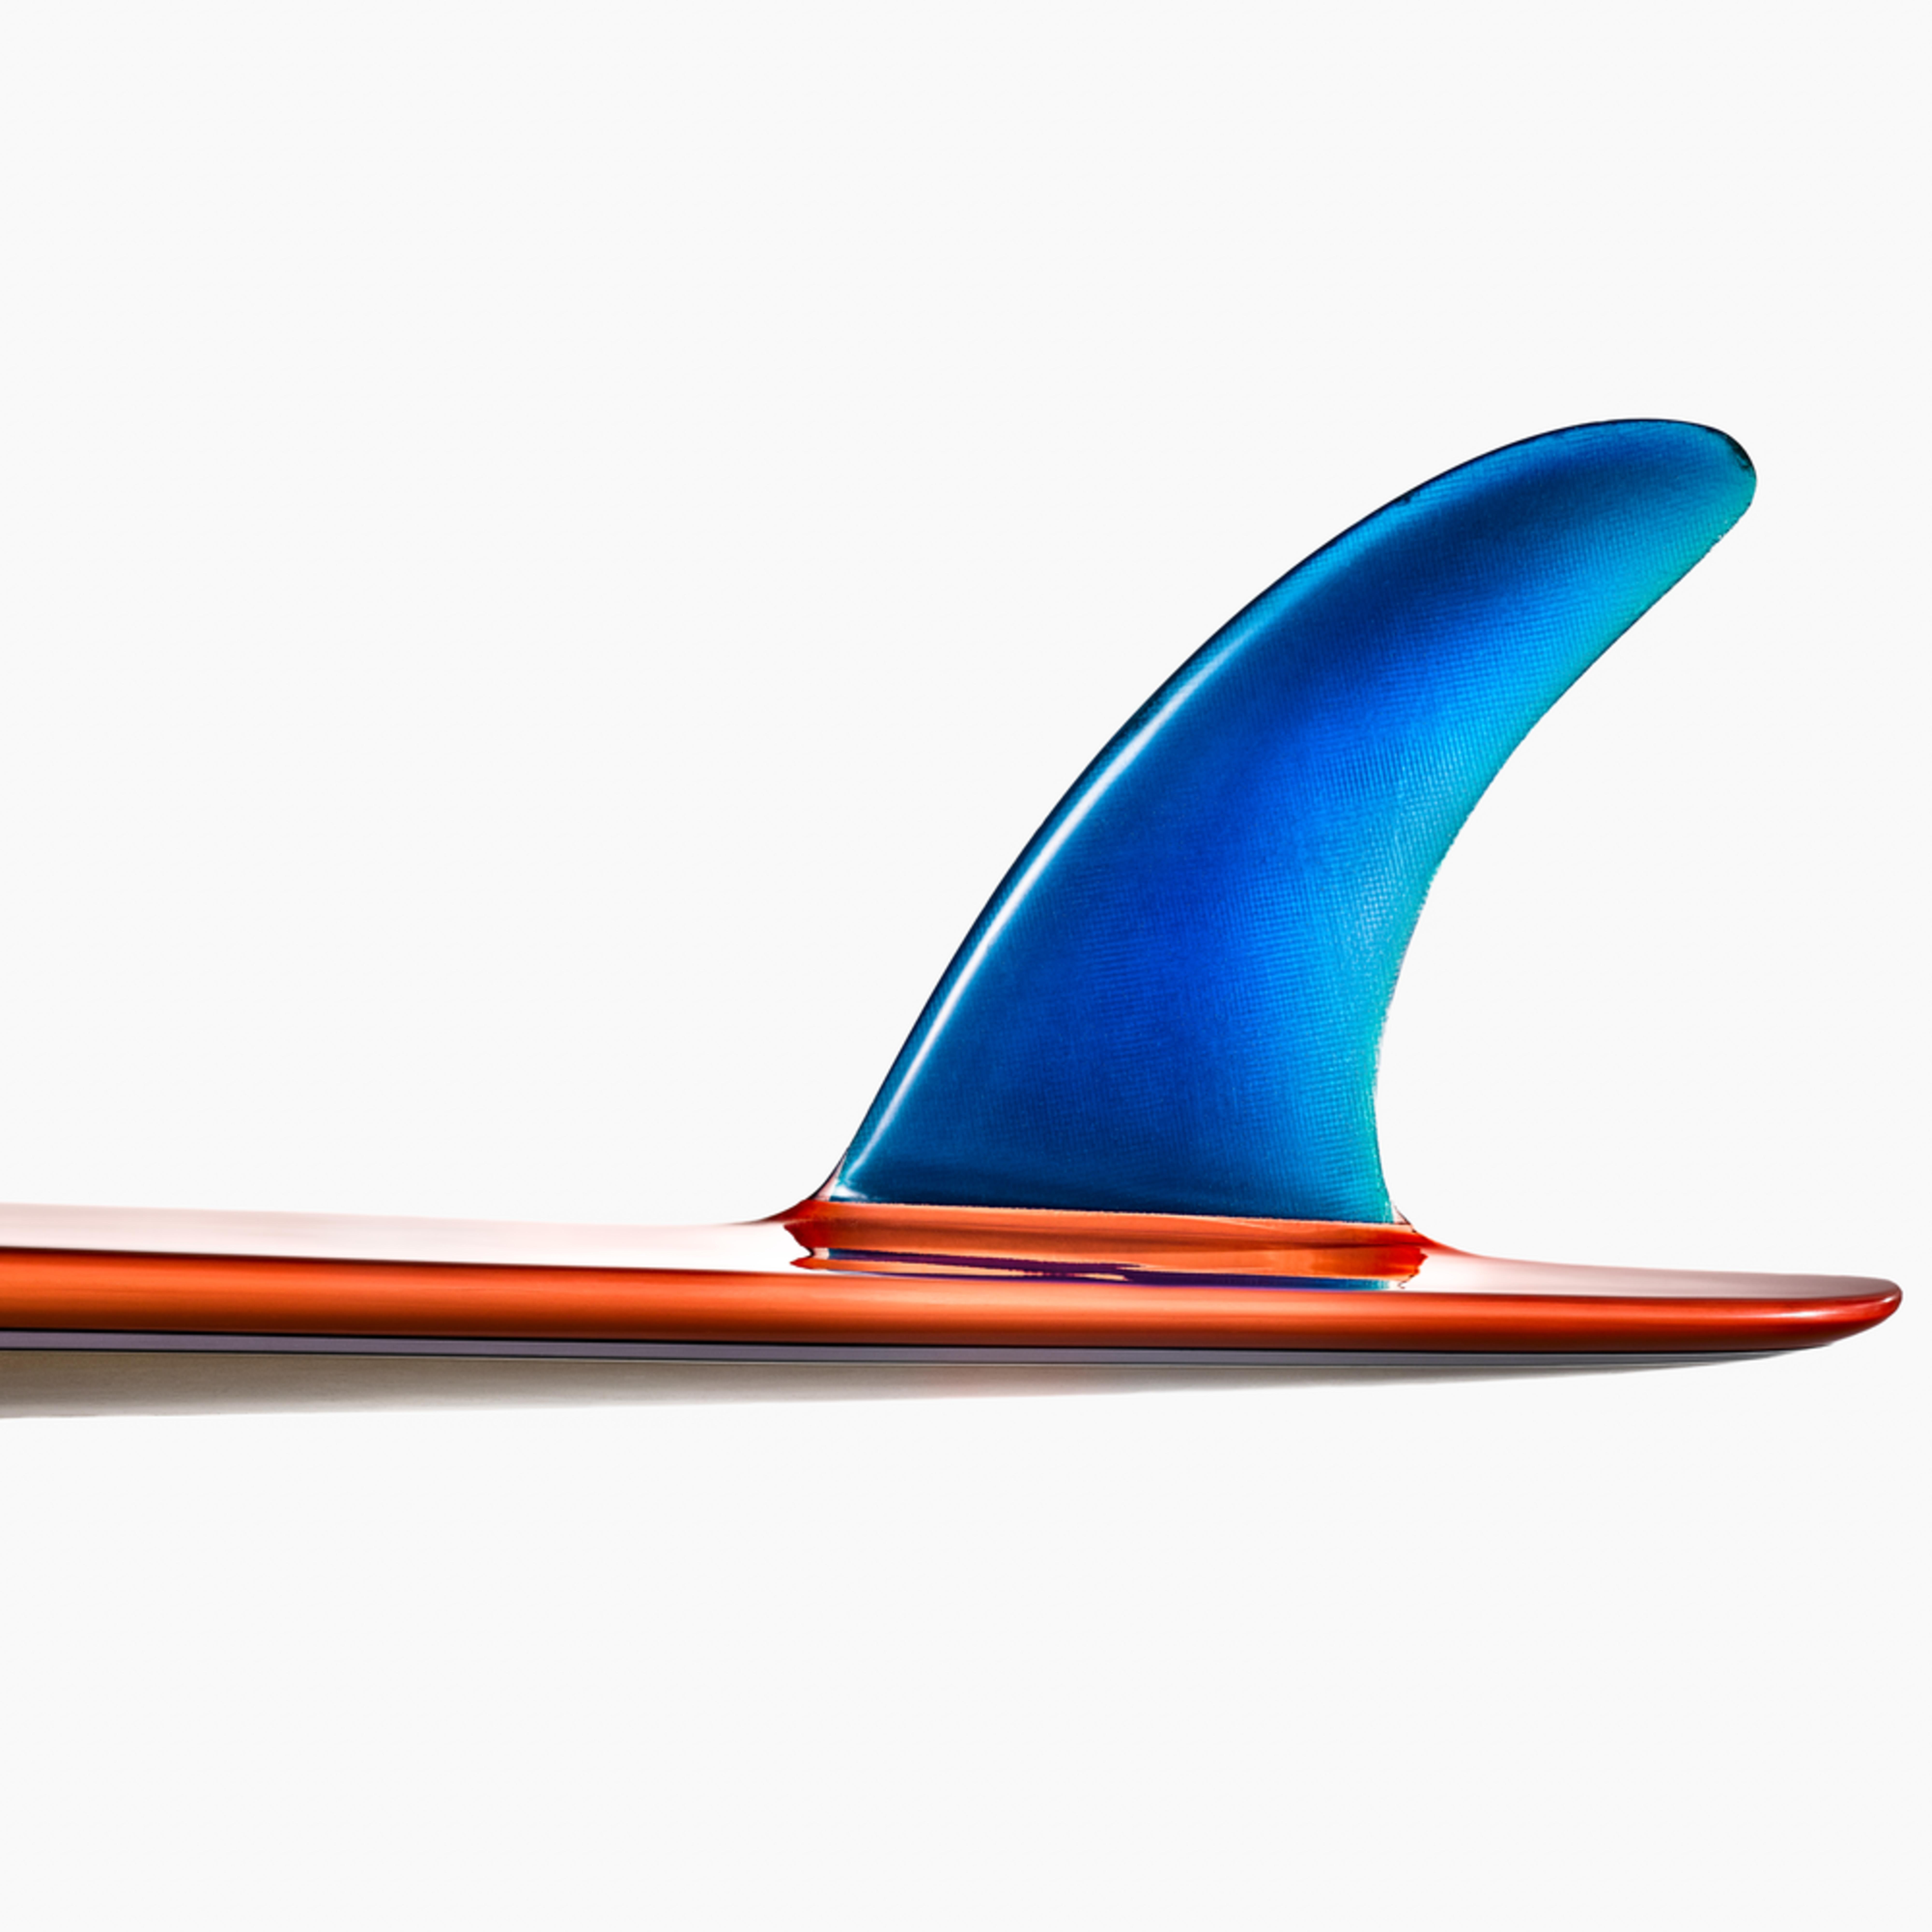 The fin project jeff hackman plastic fantastic mf 247bg tbrbbm